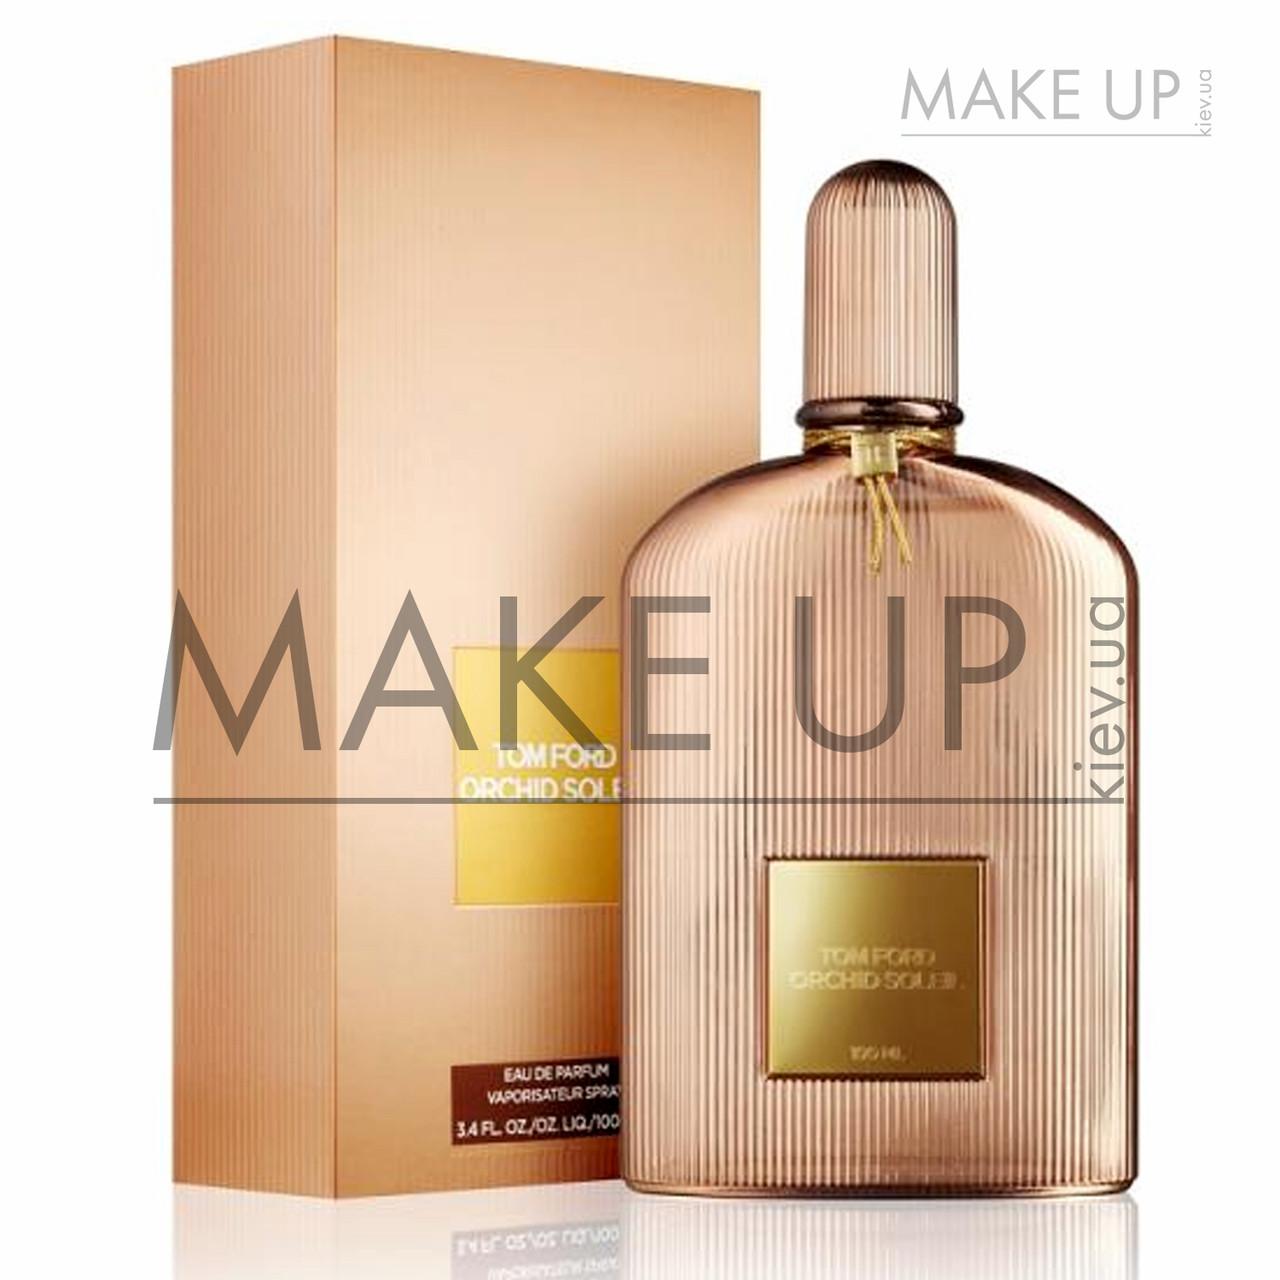 Женская парфюмированная вода Tom Ford Orchid Soleil EDP 100 мл. | Лицензия Объединенные Арабские Эмираты